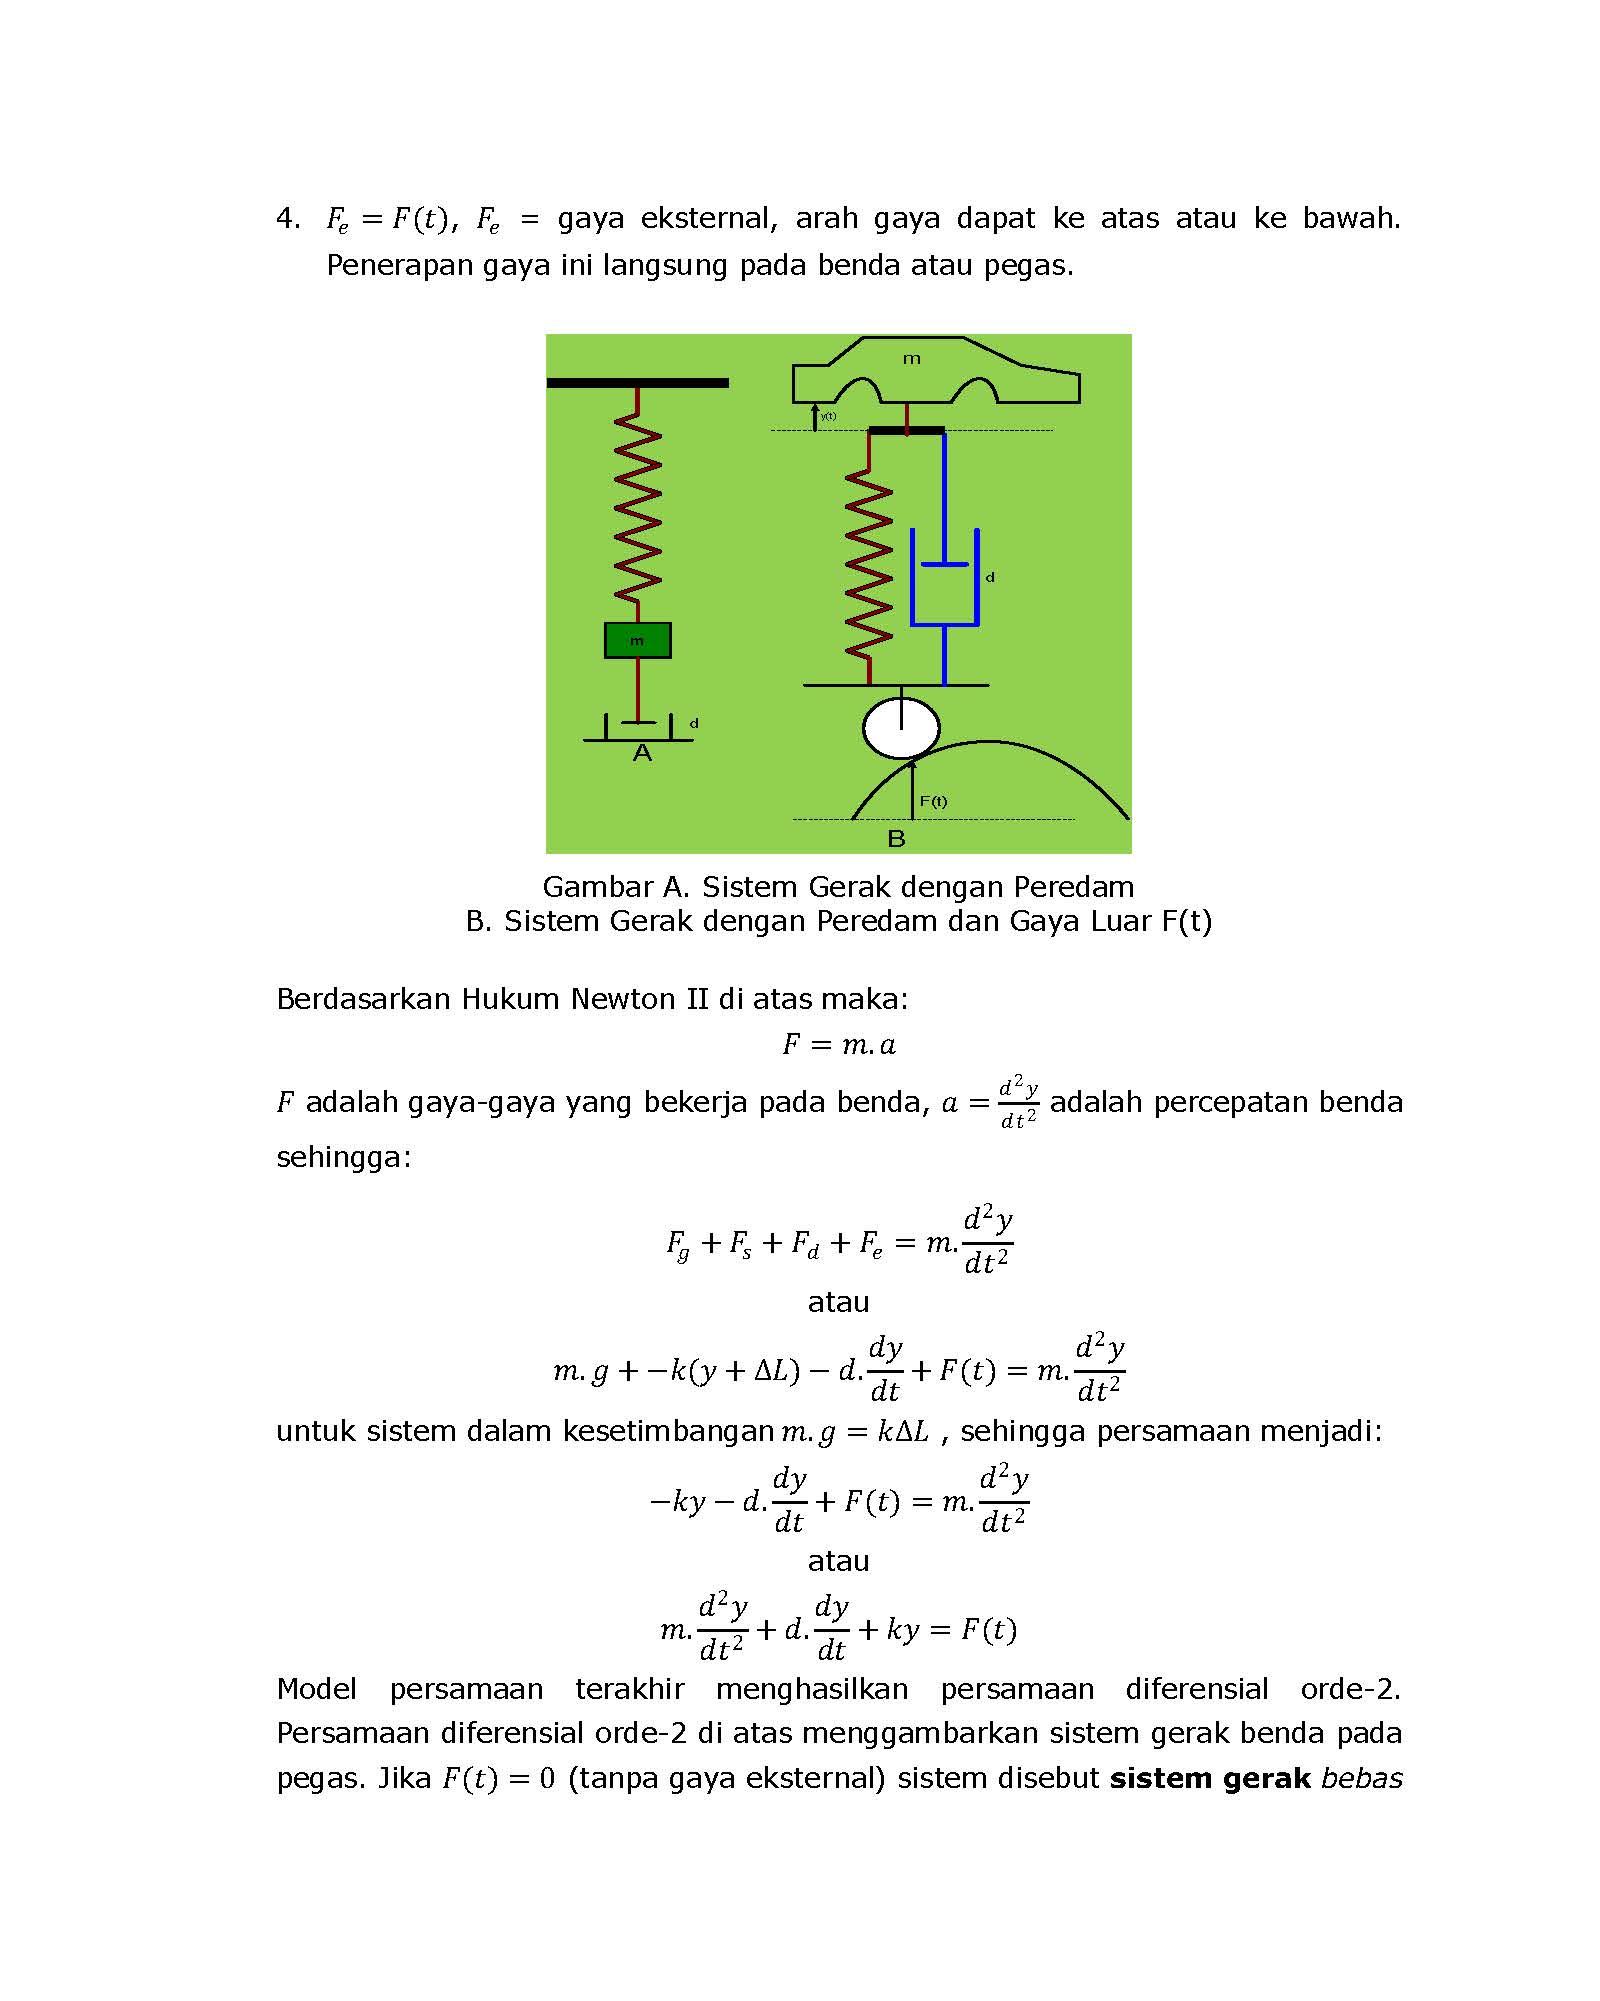 pemodelan sistem pegas -1_Page_2